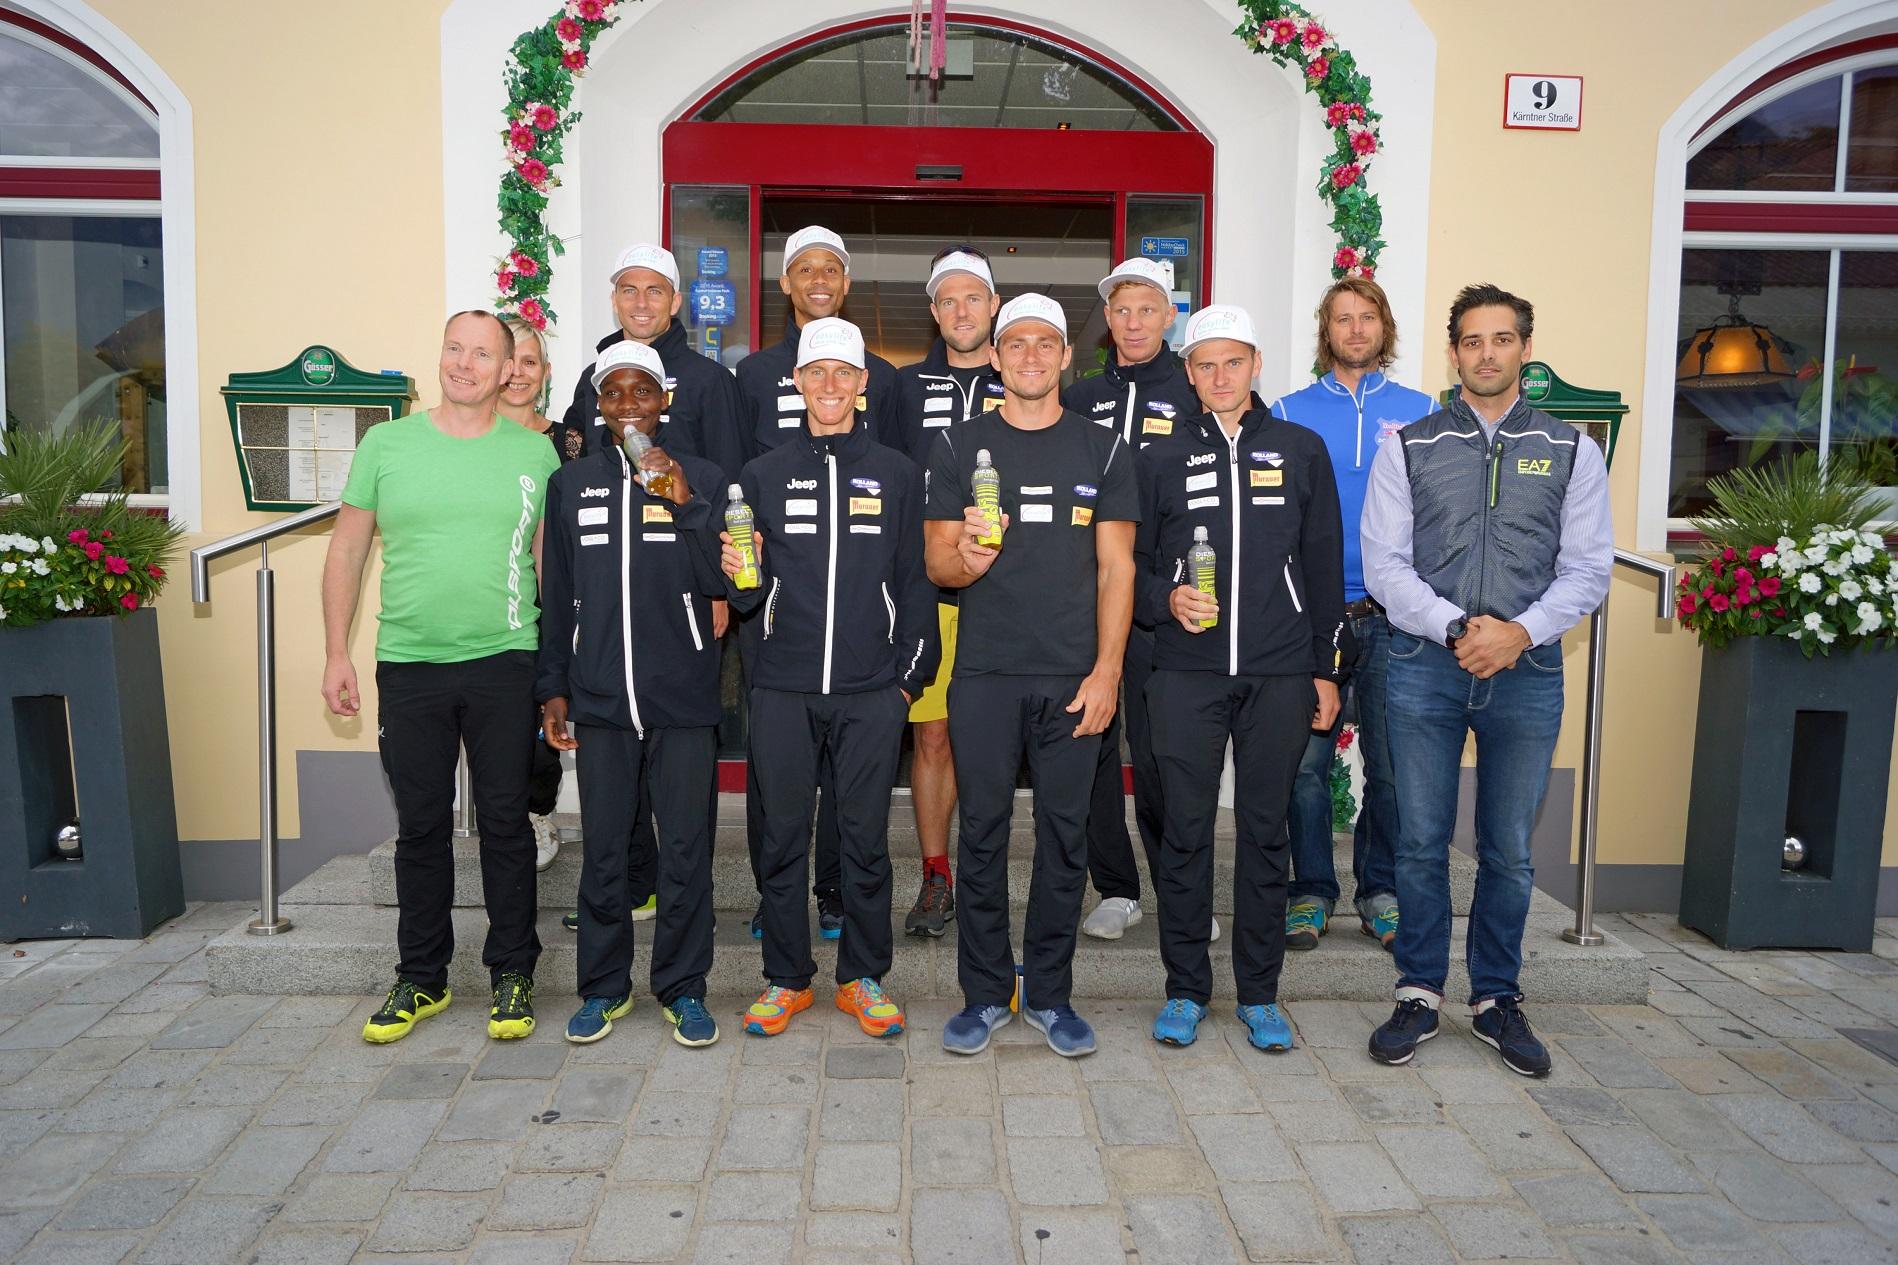 Unsere Athleten mit den Sponsoren. Danke für die großartige Unterstützung!